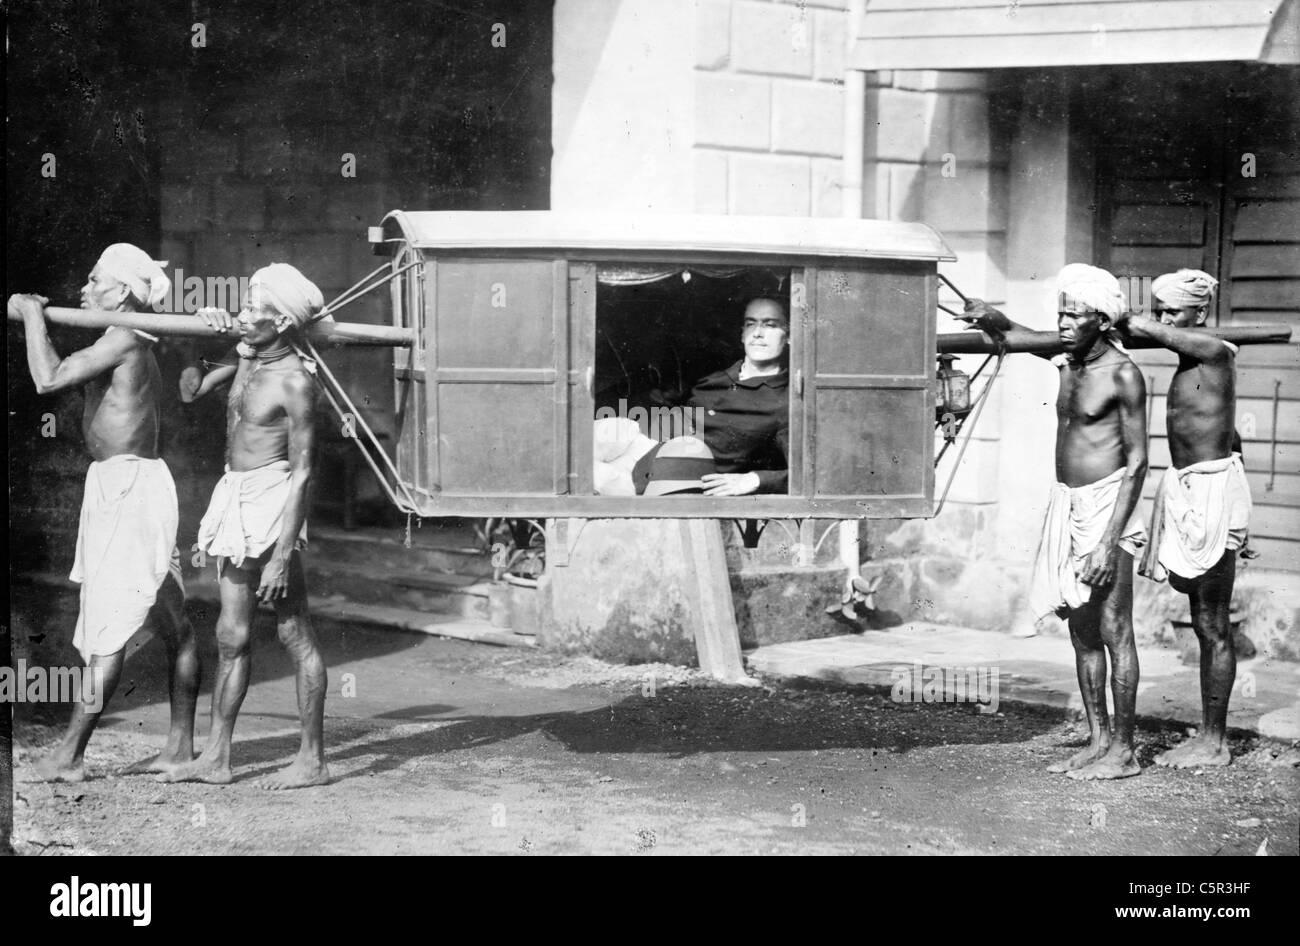 Cuatro indios llevando palanquín, India Imagen De Stock